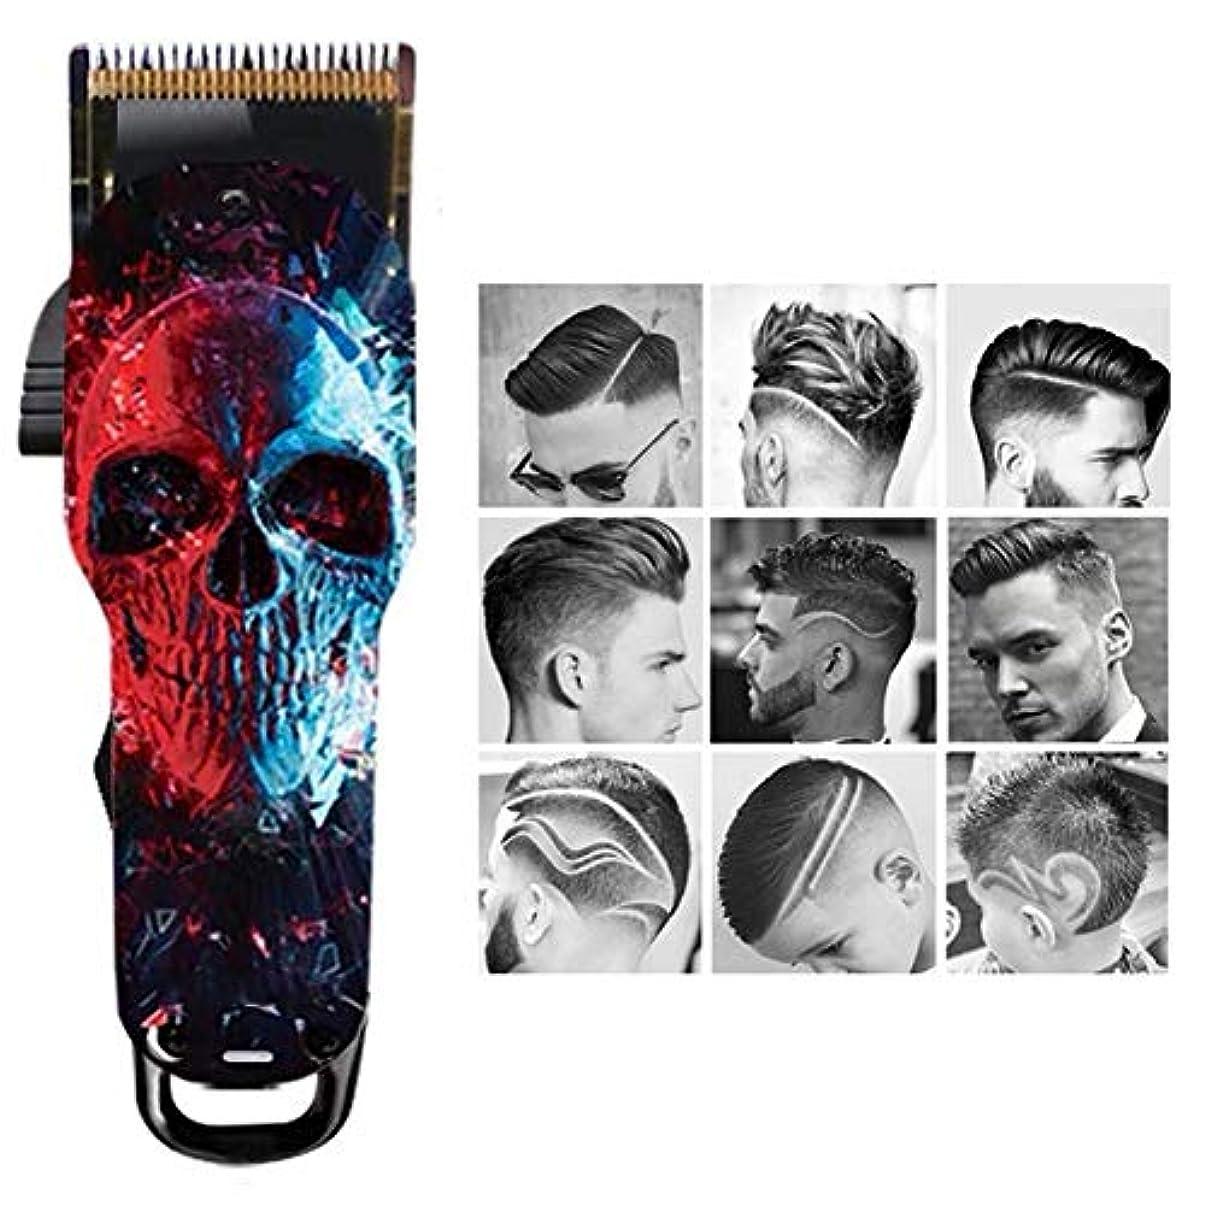 ペインティング反応する富豪電動バリカン - 理髪店スタイリング特別な落書きオイルヘッドレトロヘアクリッパーヘアサロンプロフェッショナルヘアクリッパー